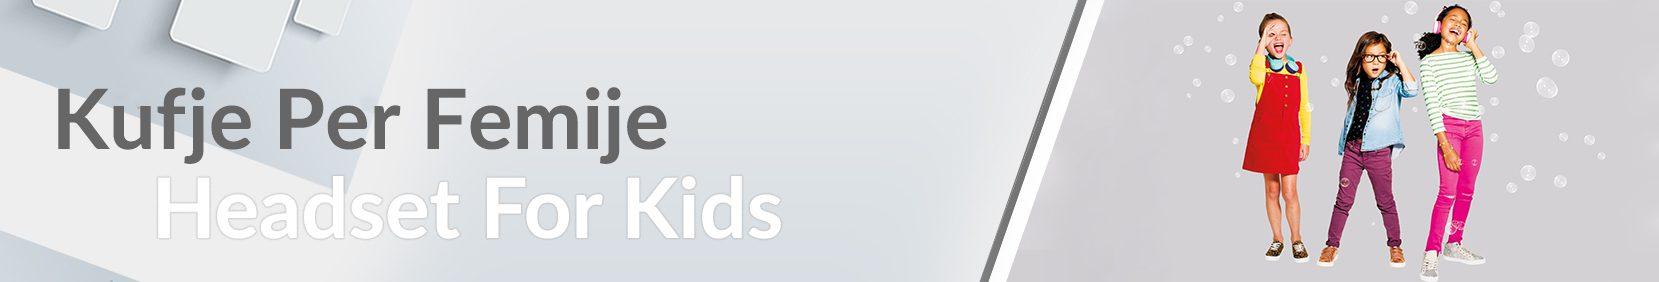 Kufje Per Femije